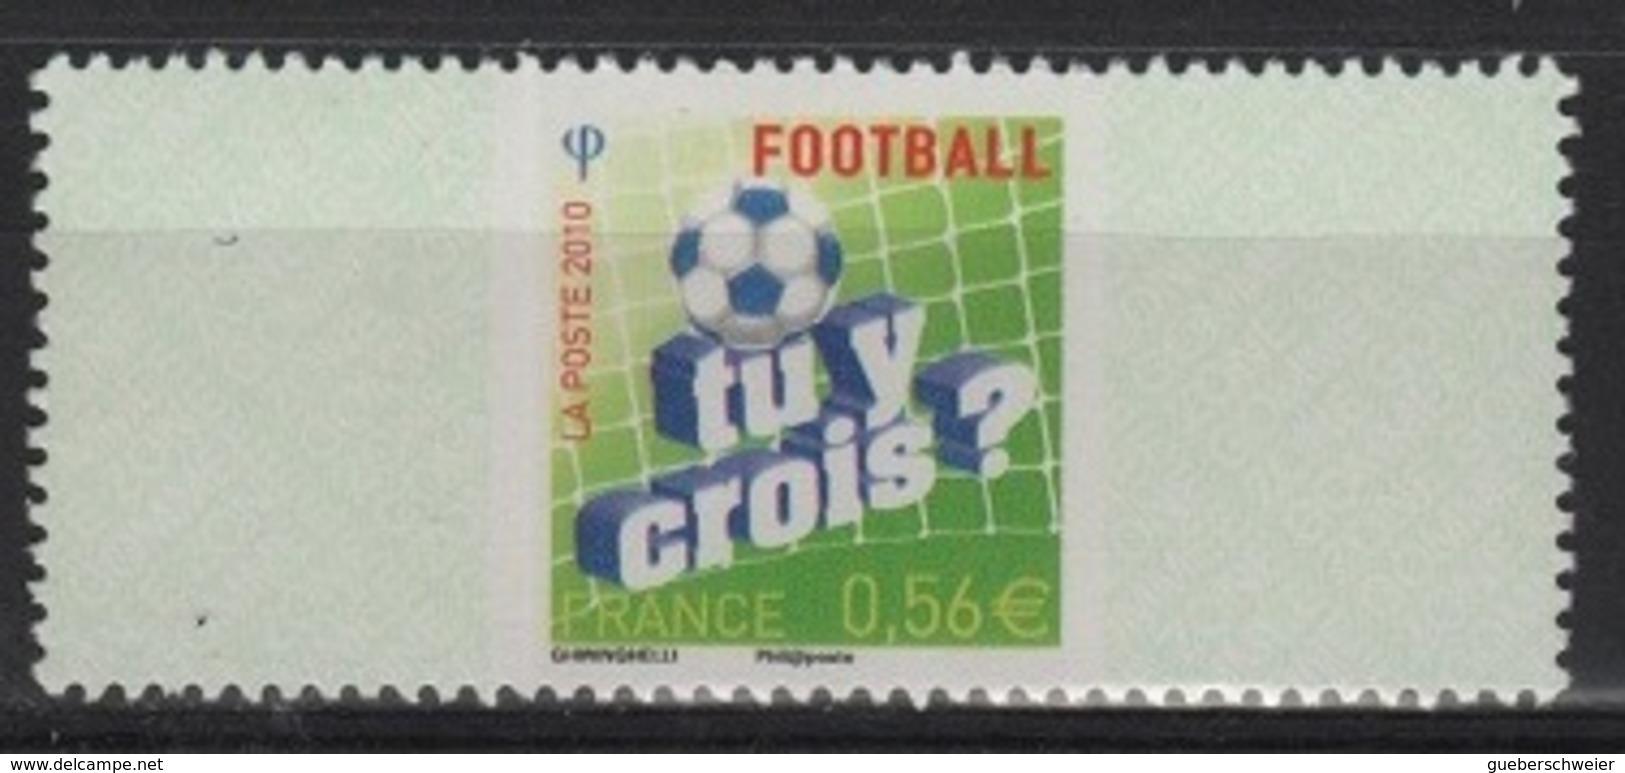 FR-1046 - FRANCE N° RP1 Neuf** Timbre Avec Réponse Payée FOOTBALL - Neufs